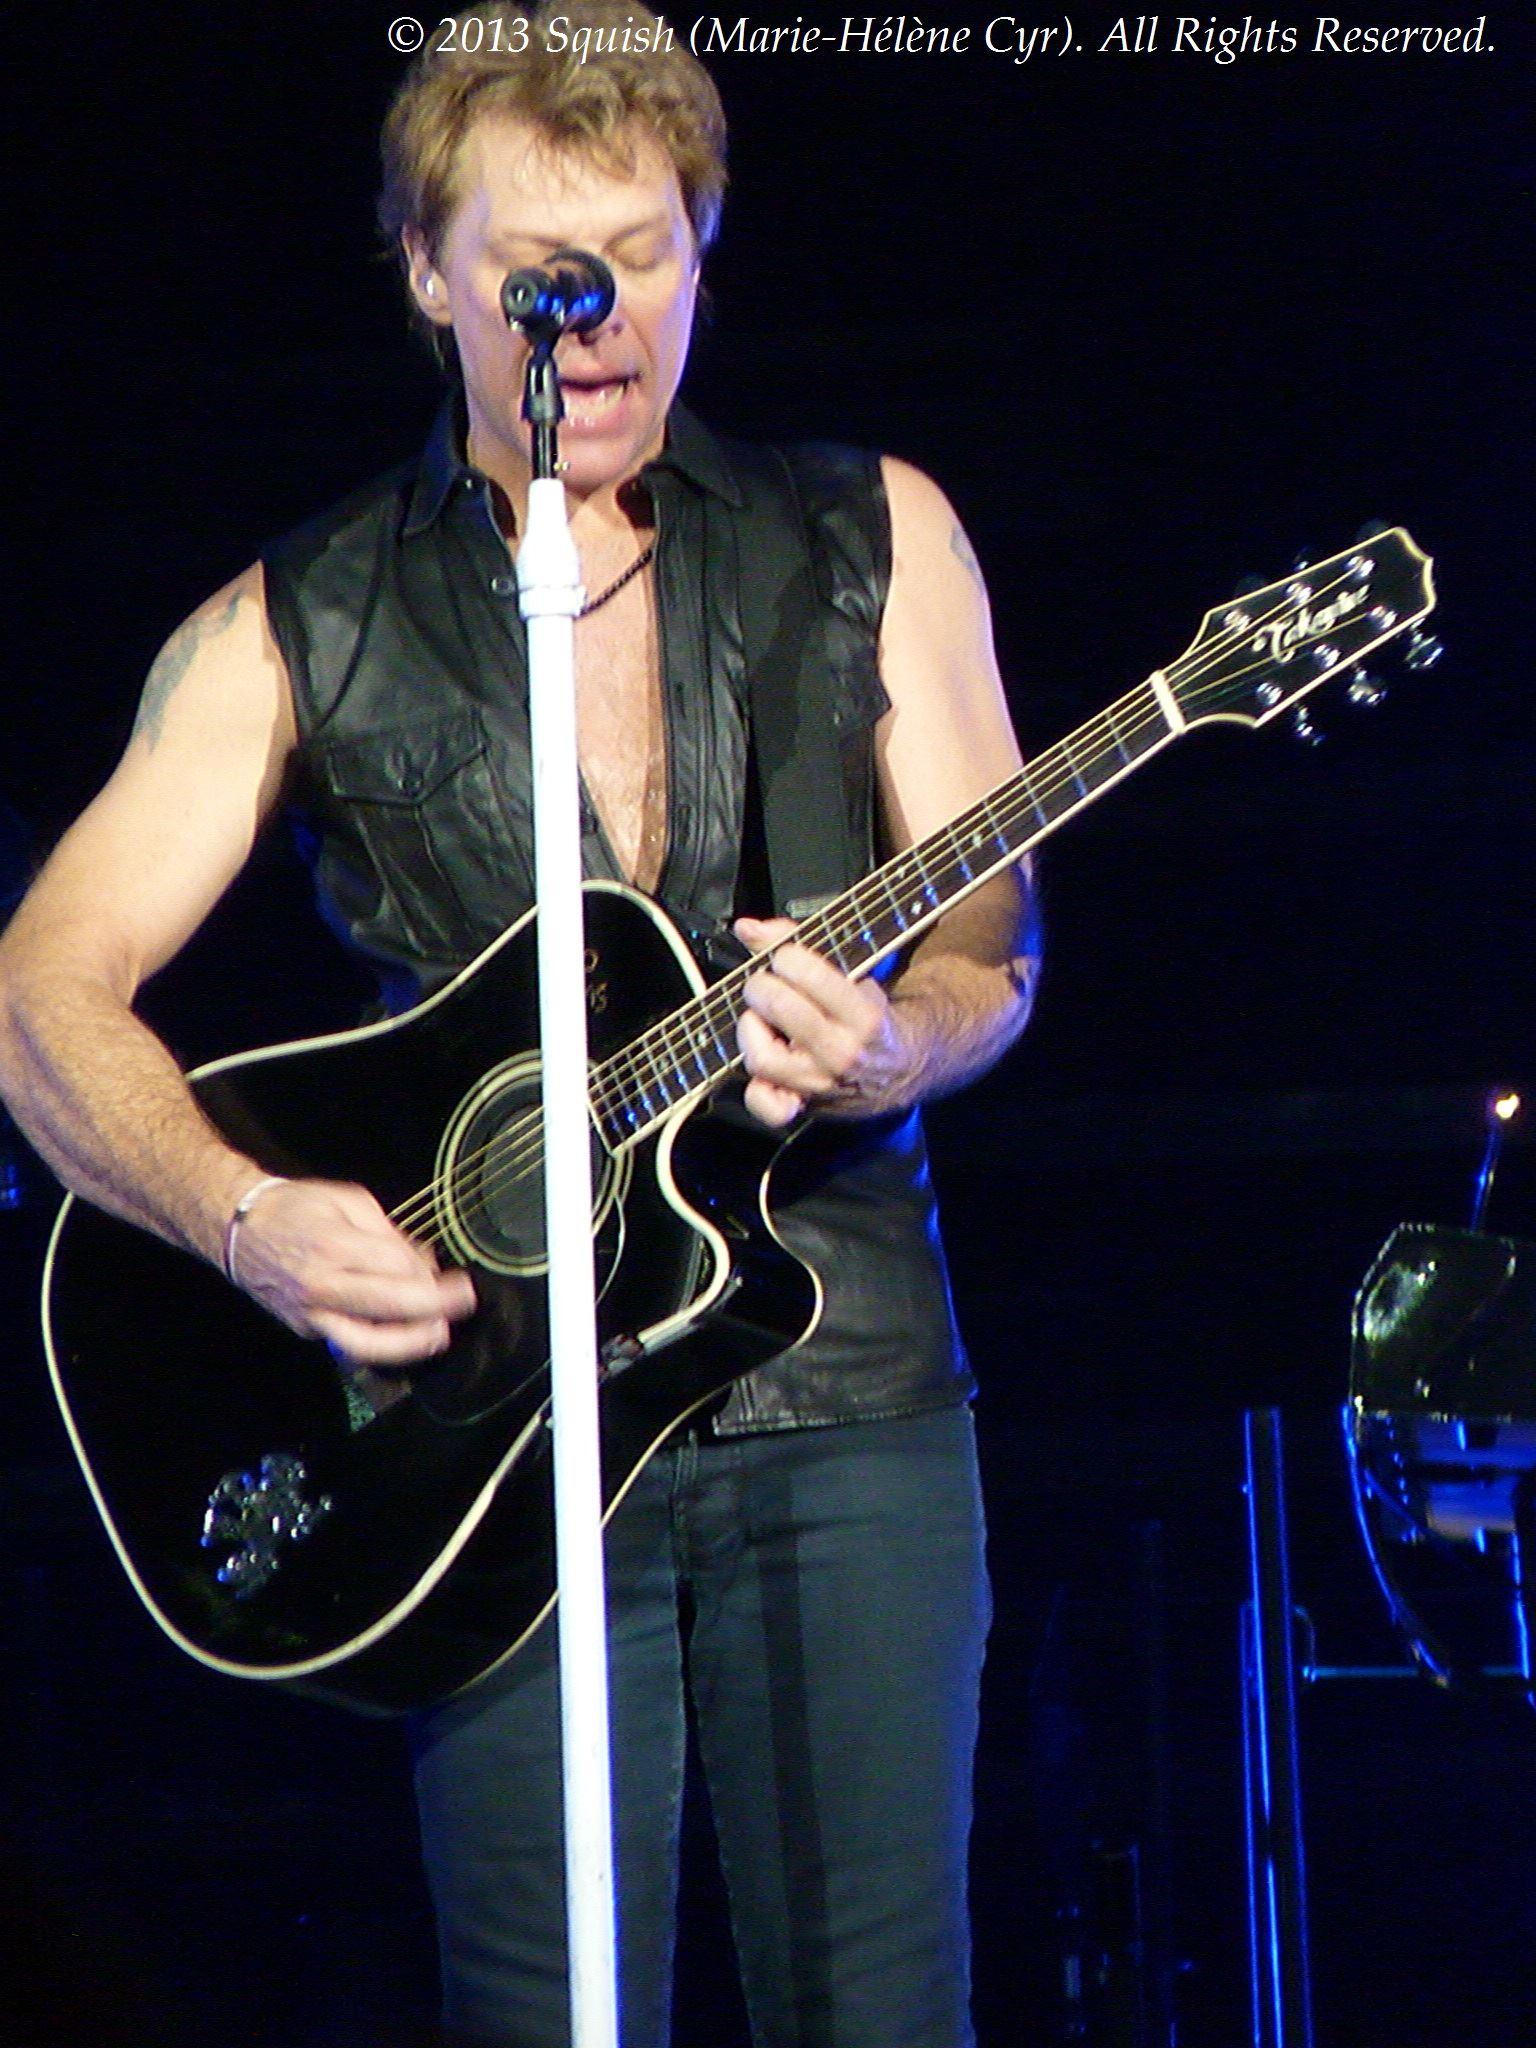 Bon Jovi - Air Canada Centre, Ontario, Canada (1er novembre 2013)